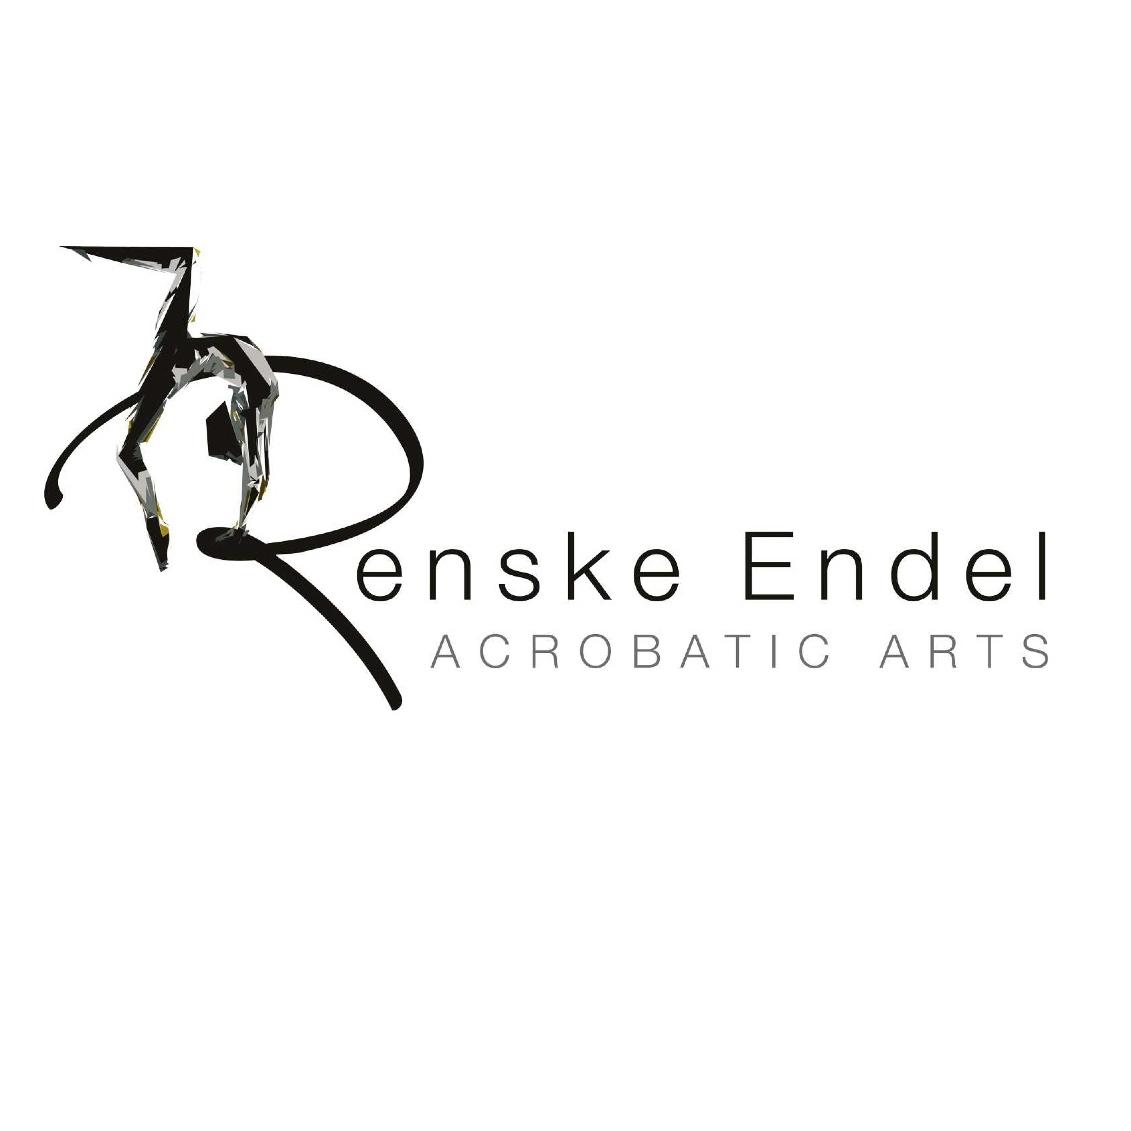 Renske Endel Acrobatic Arts